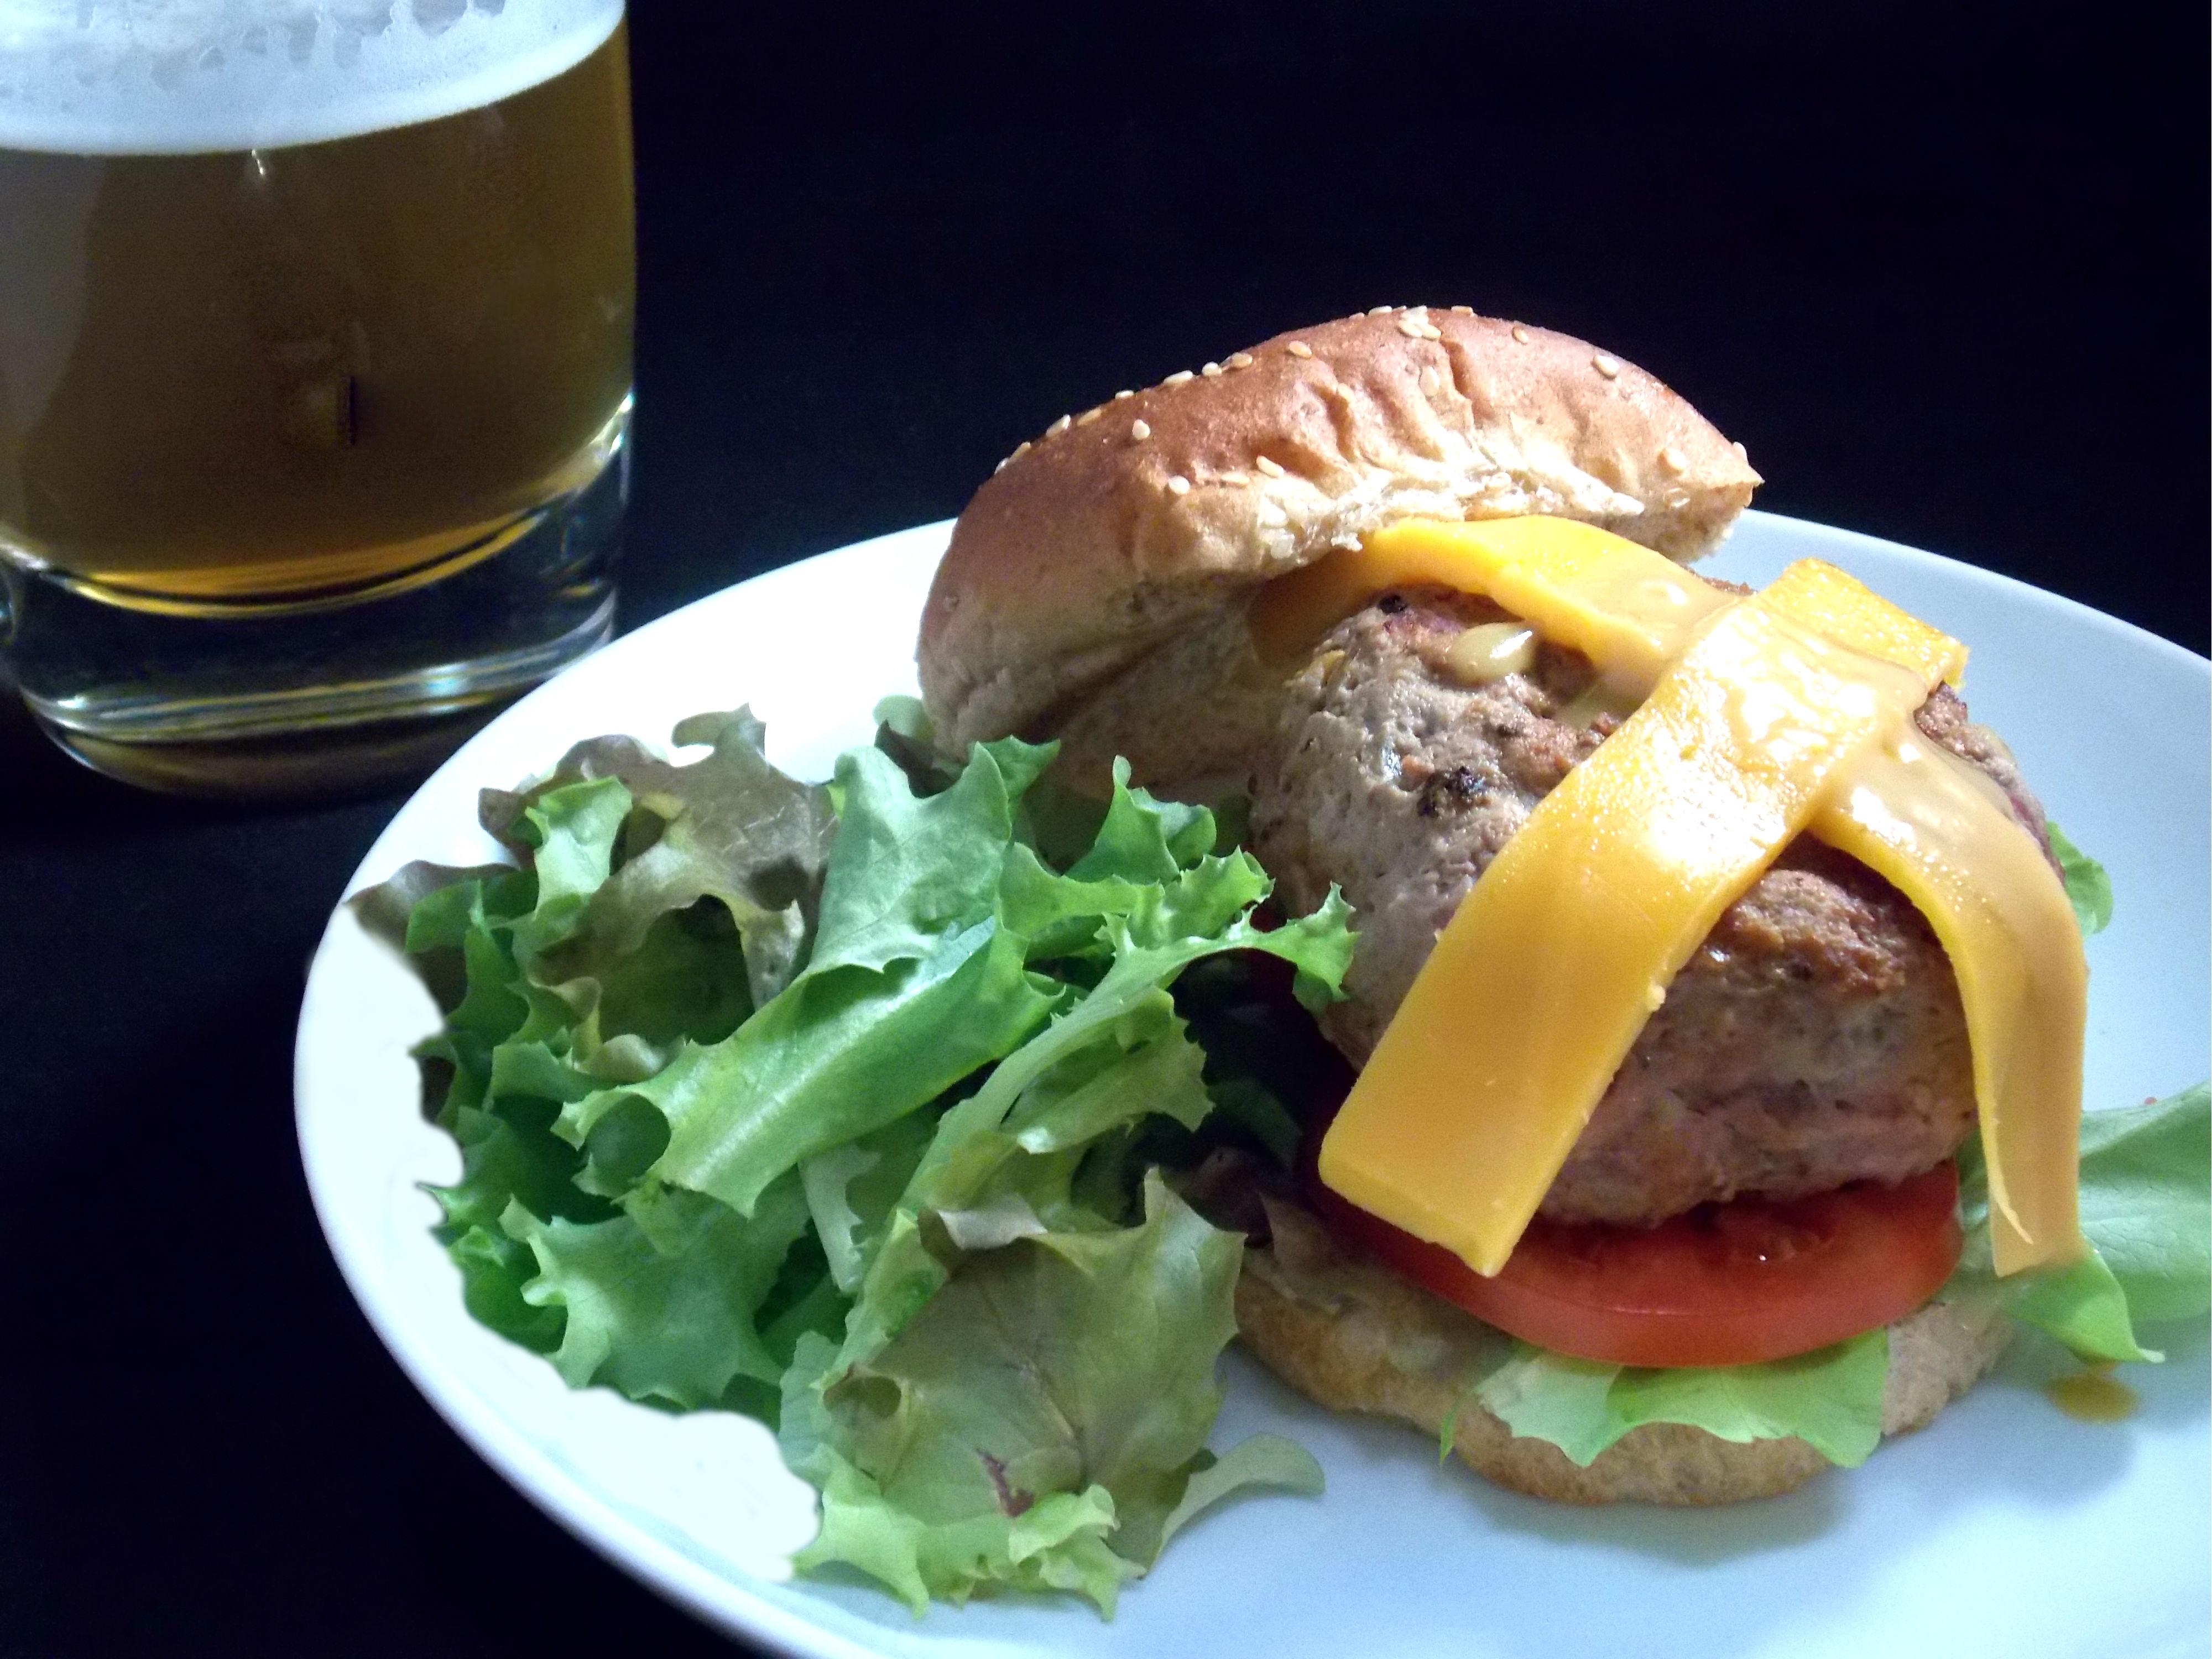 Maple Bacon Cheddar Turkey Burger